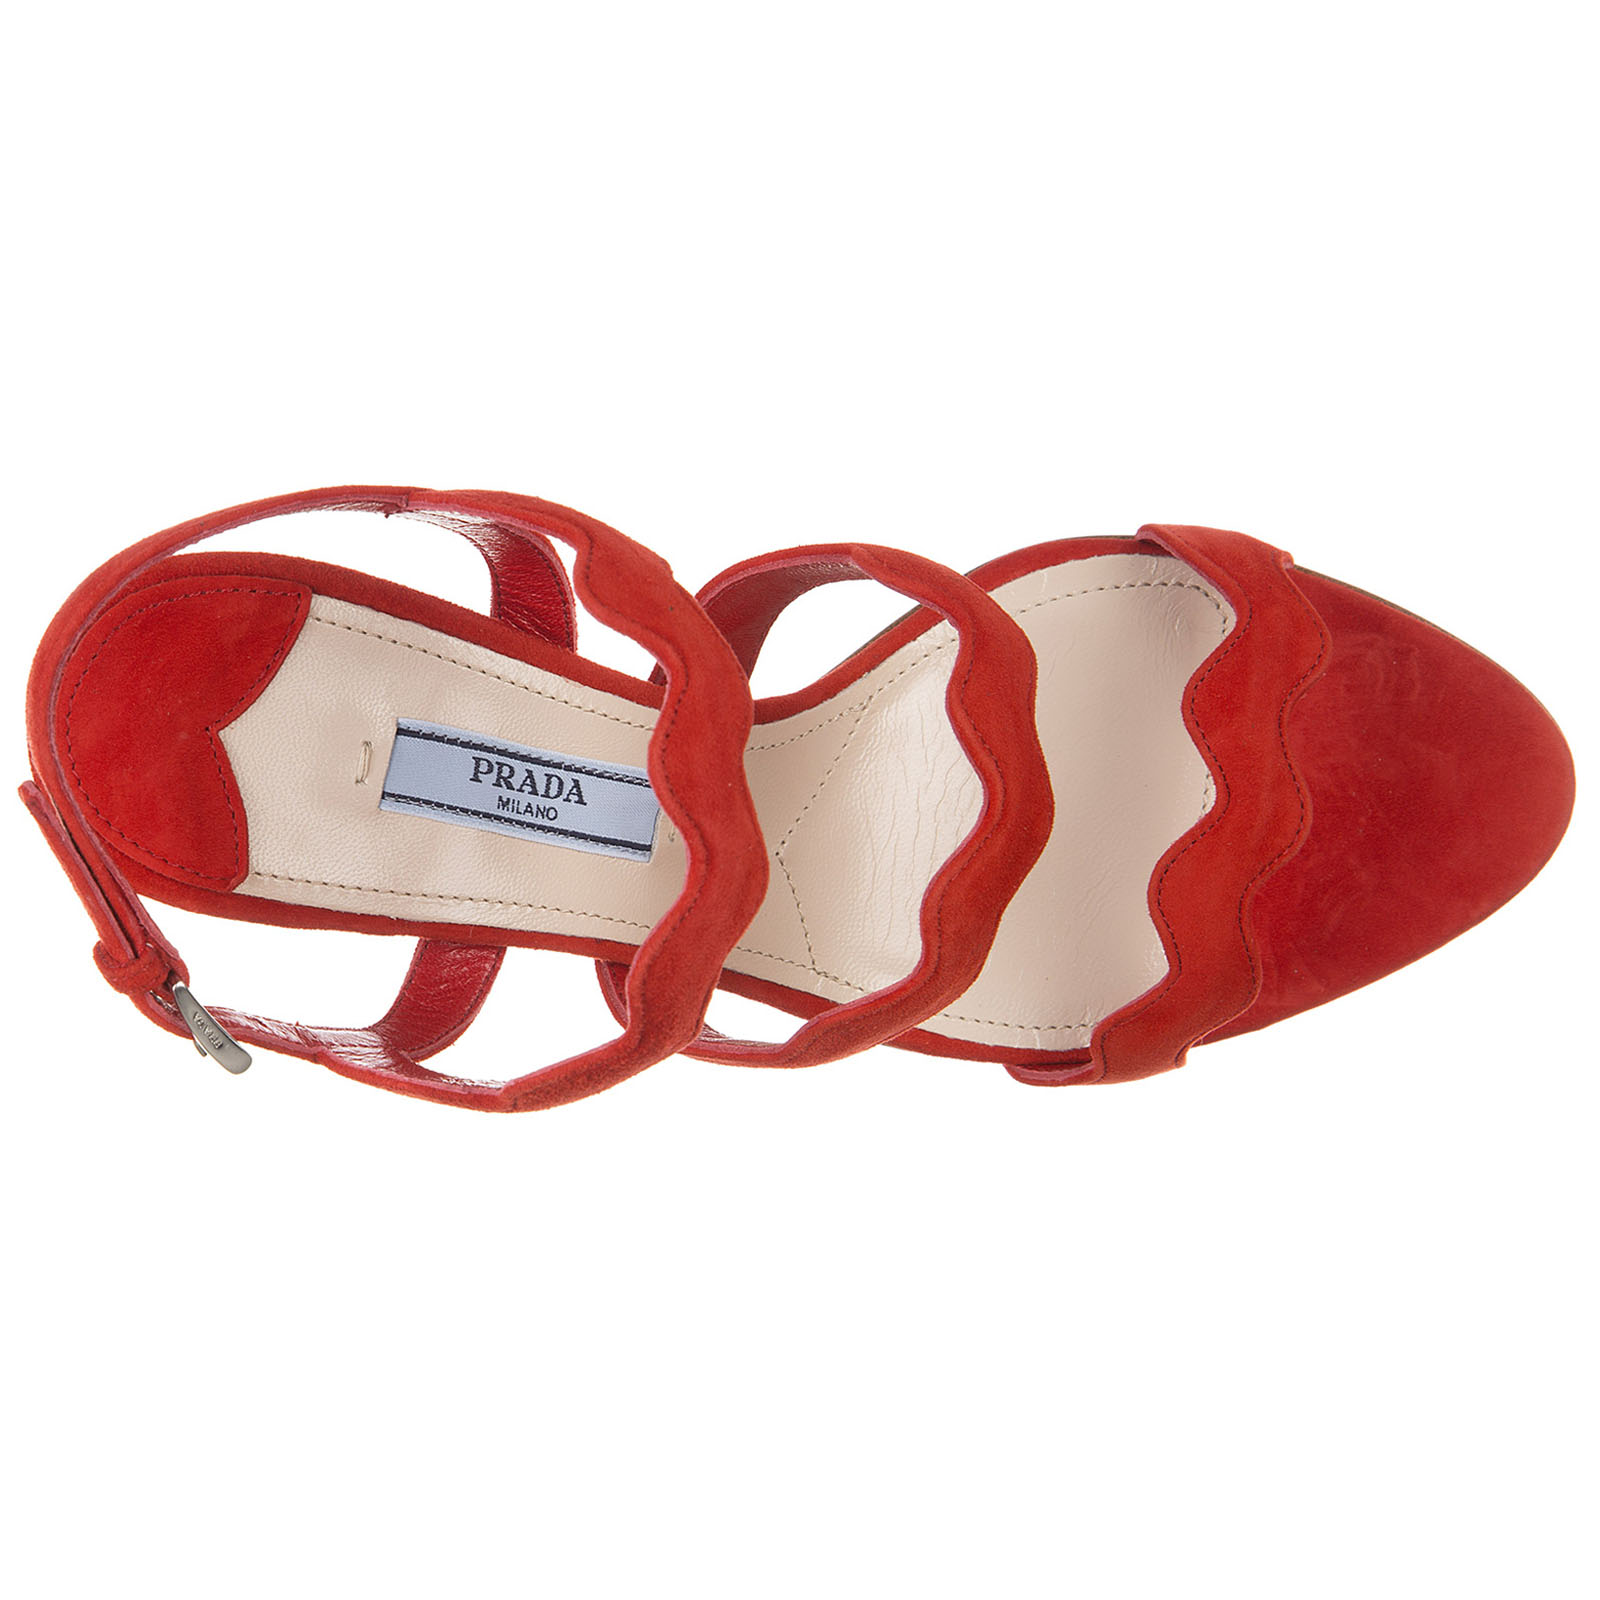 Women's suede heel sandals lacca